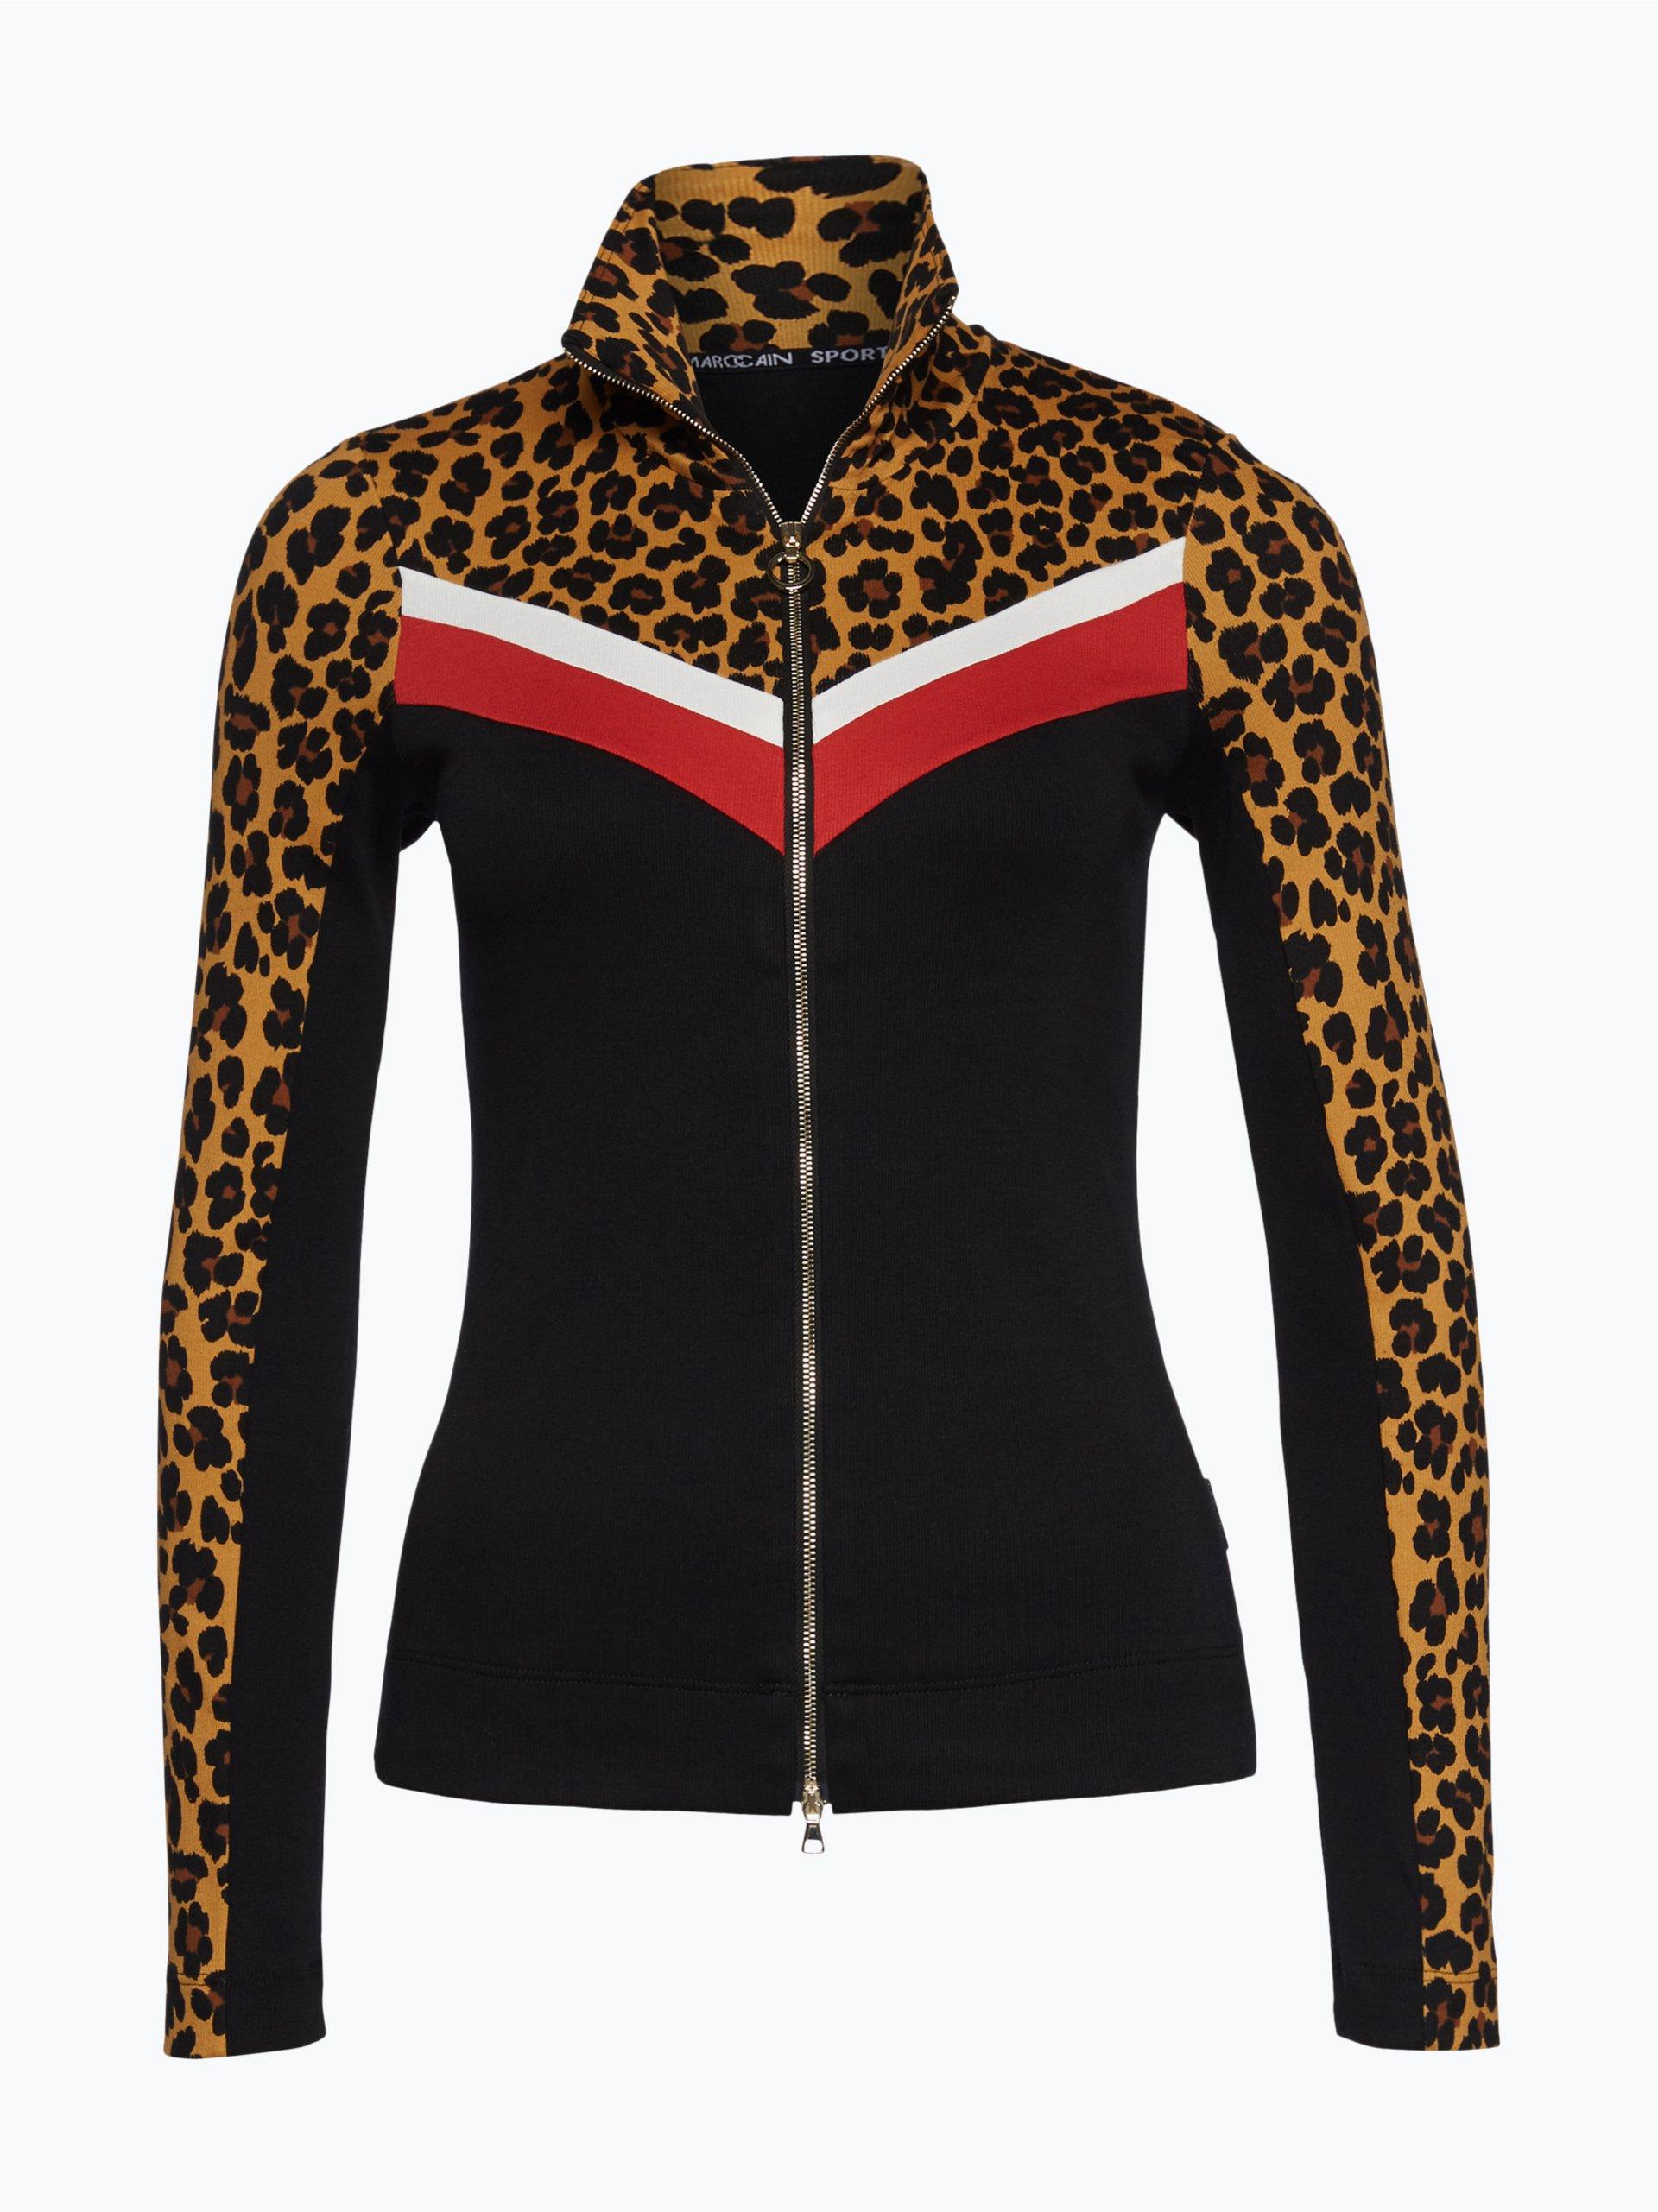 marc cain sports damen shirtjacke schwarz gemustert online kaufen peek und cloppenburg de. Black Bedroom Furniture Sets. Home Design Ideas